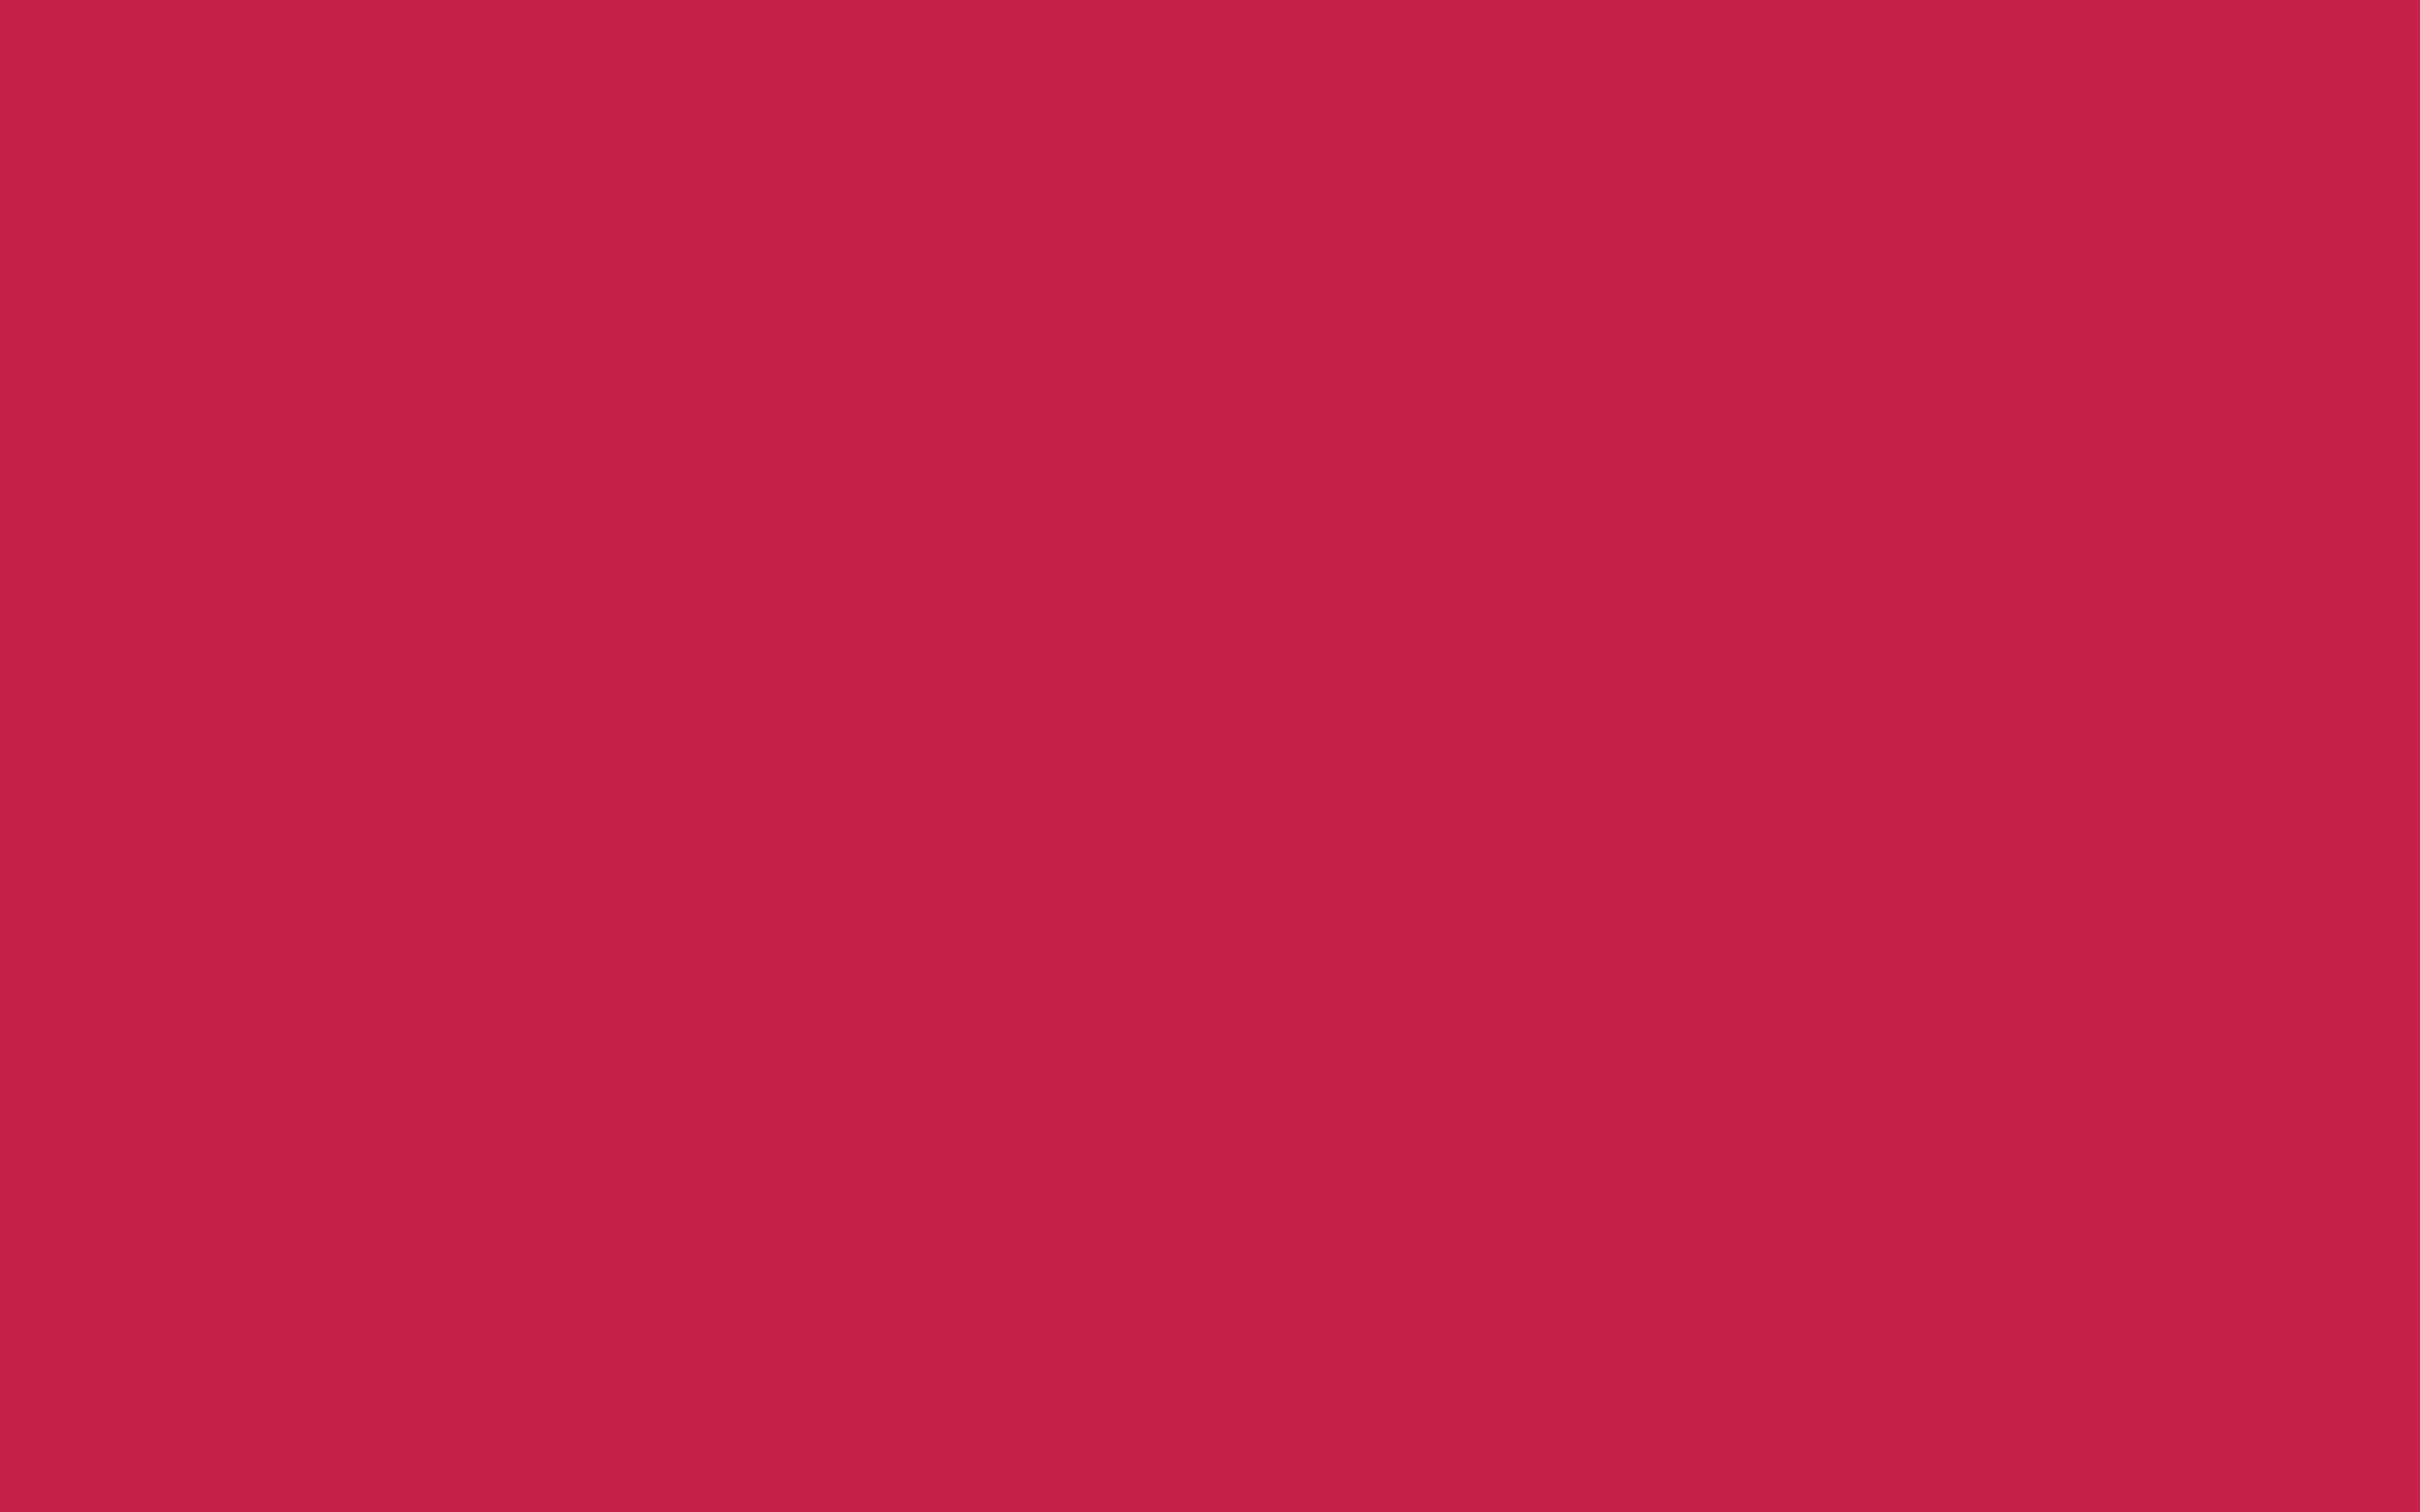 2560x1600 Maroon Crayola Solid Color Background